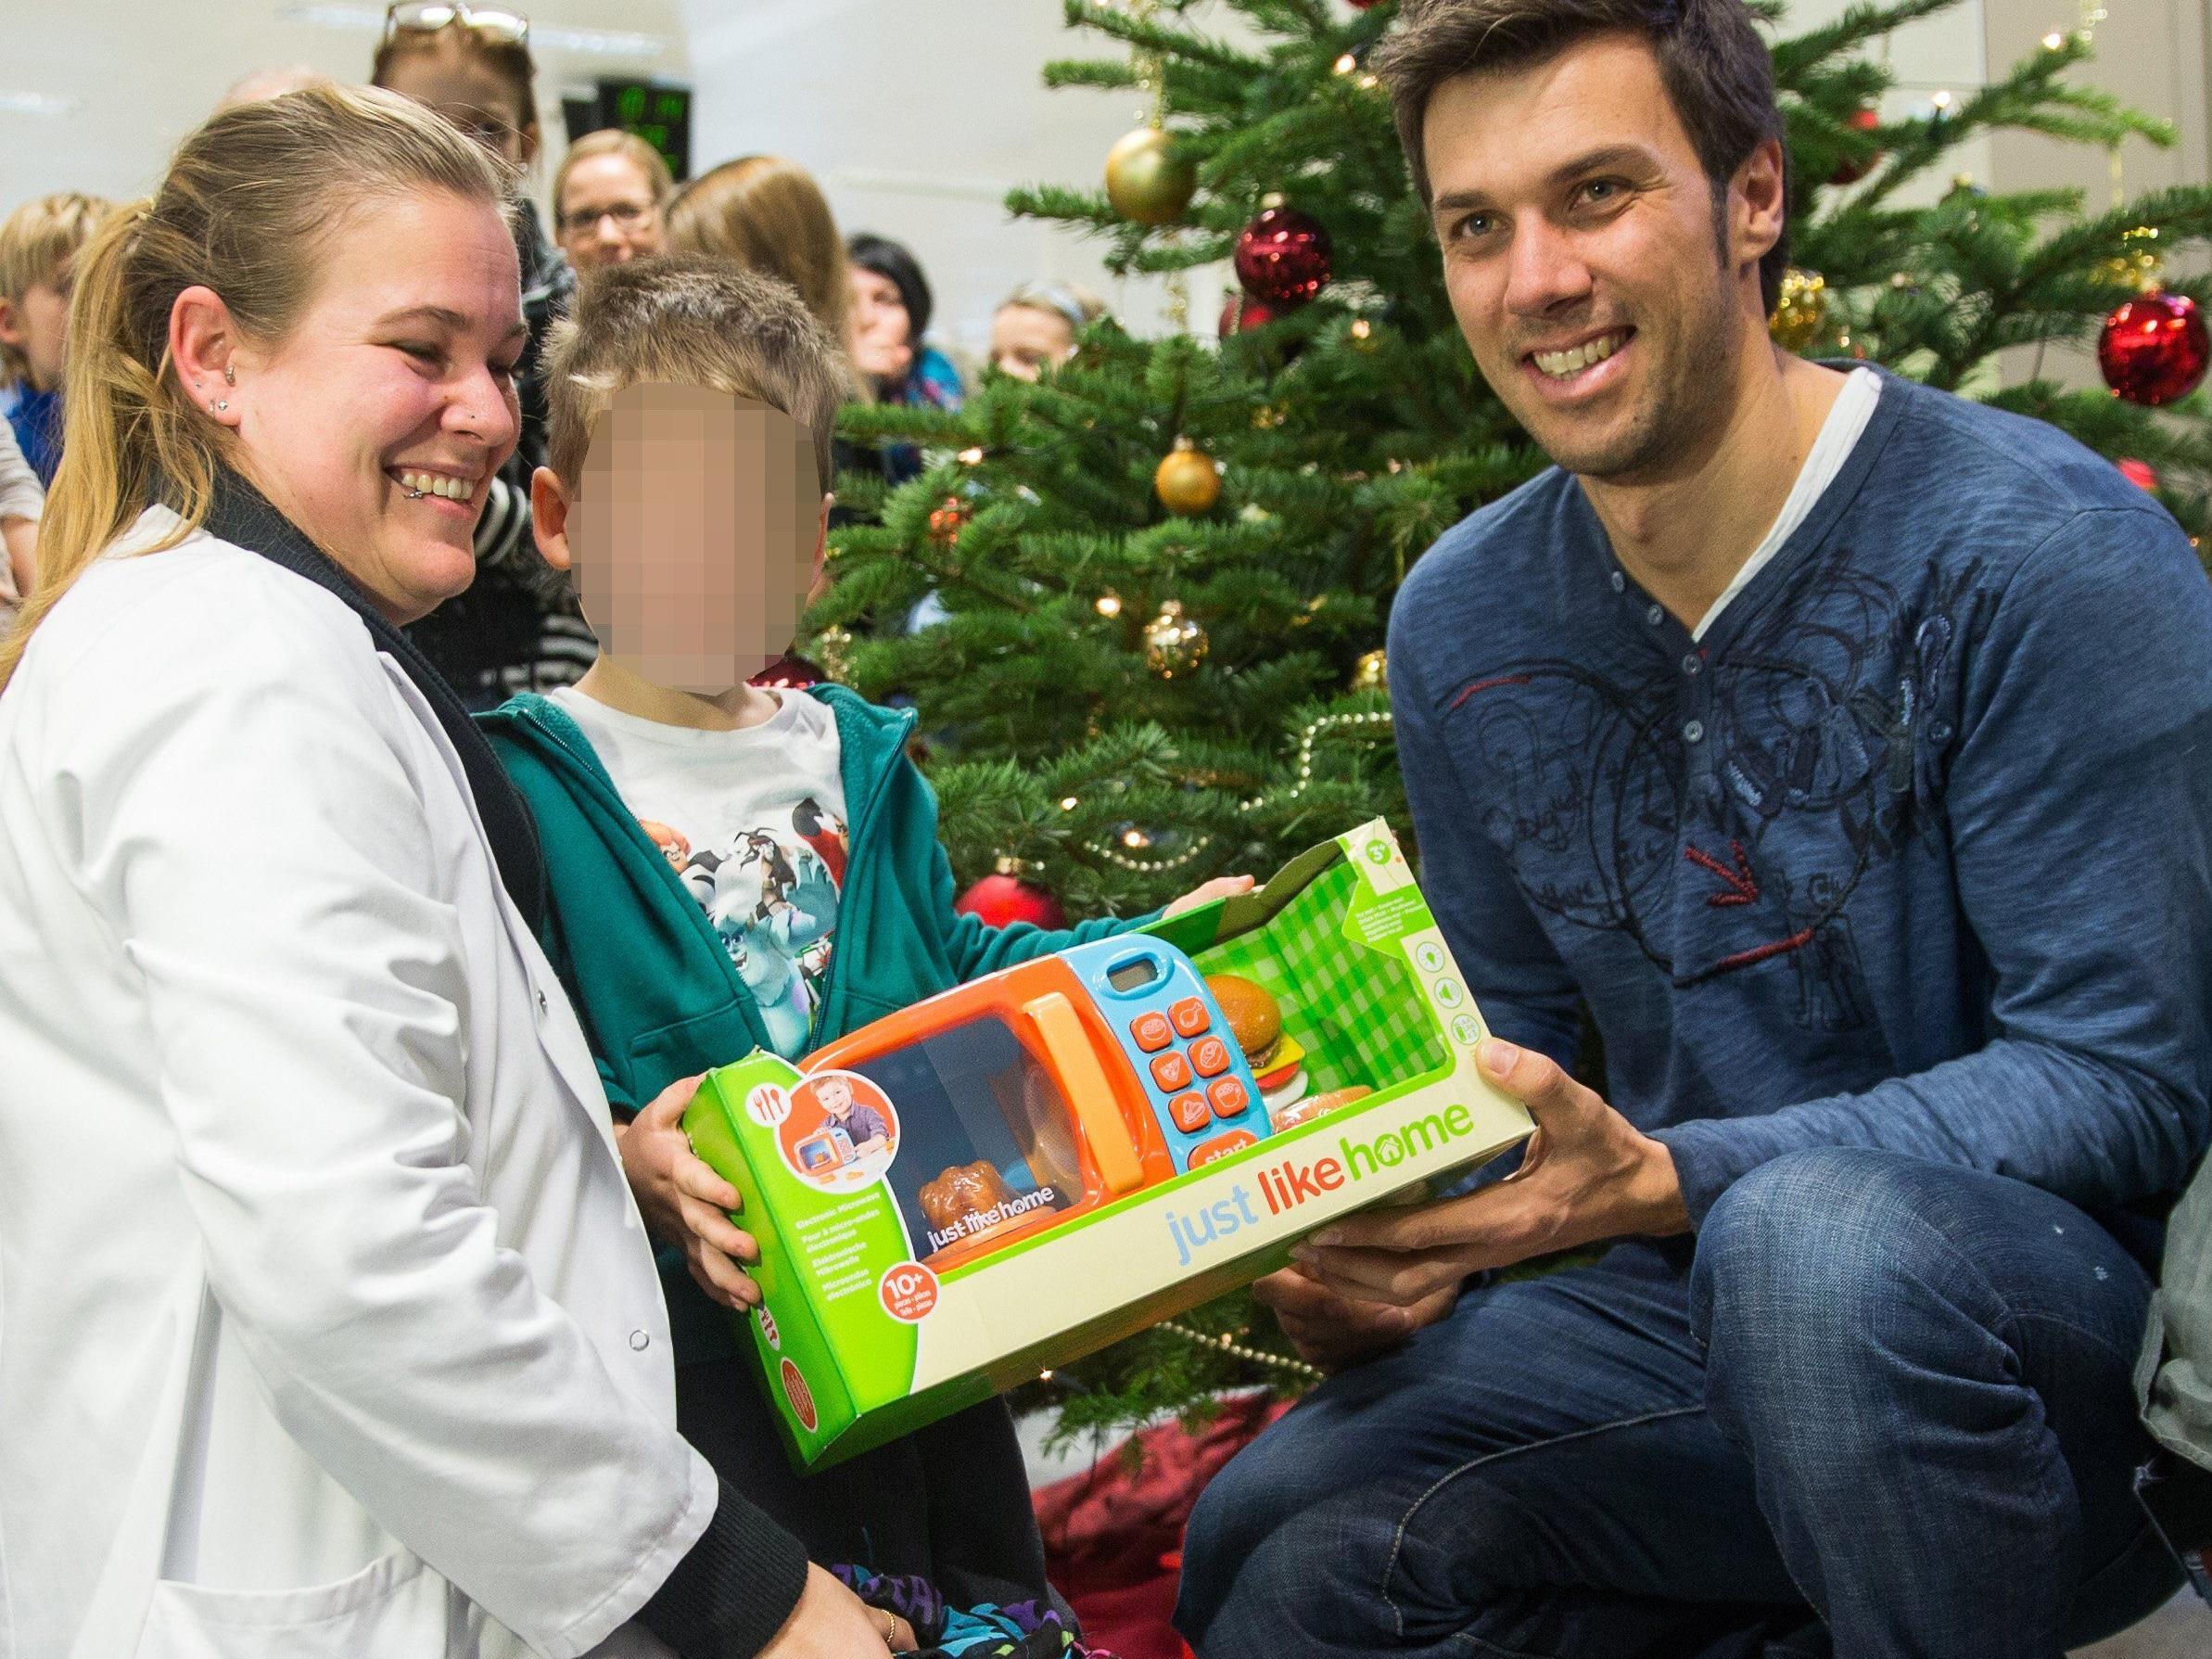 Auch Mario Matt war beim Besuch in der Innsbrucker Kinderklinik dabei.